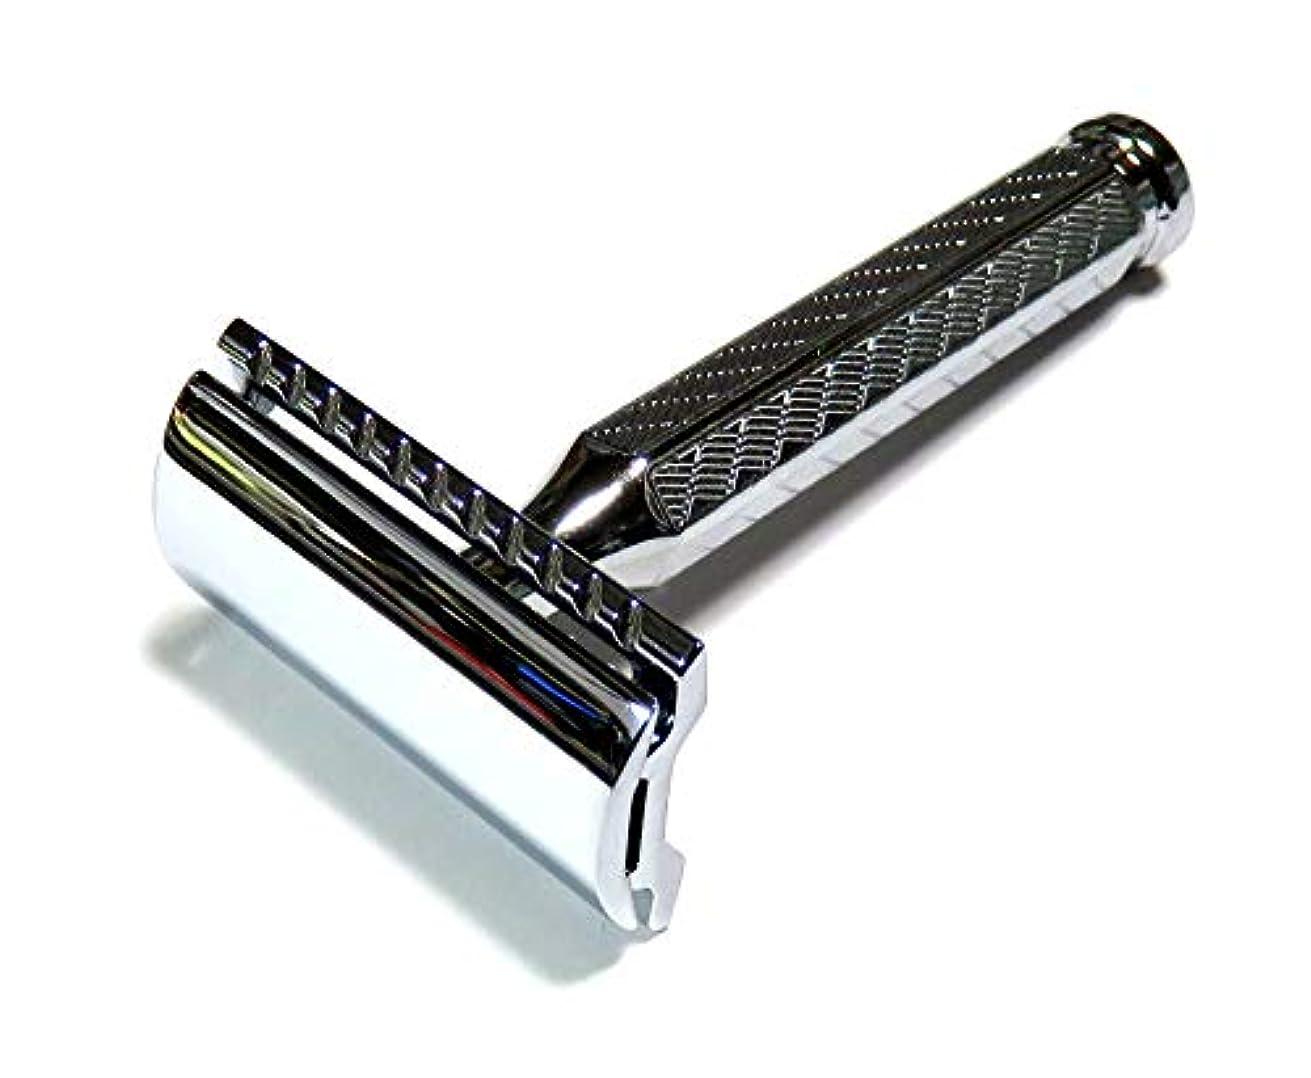 肌モノグラフかもしれないMERKUR Solingen - Safety razor, chromed, closed comb, 9042001